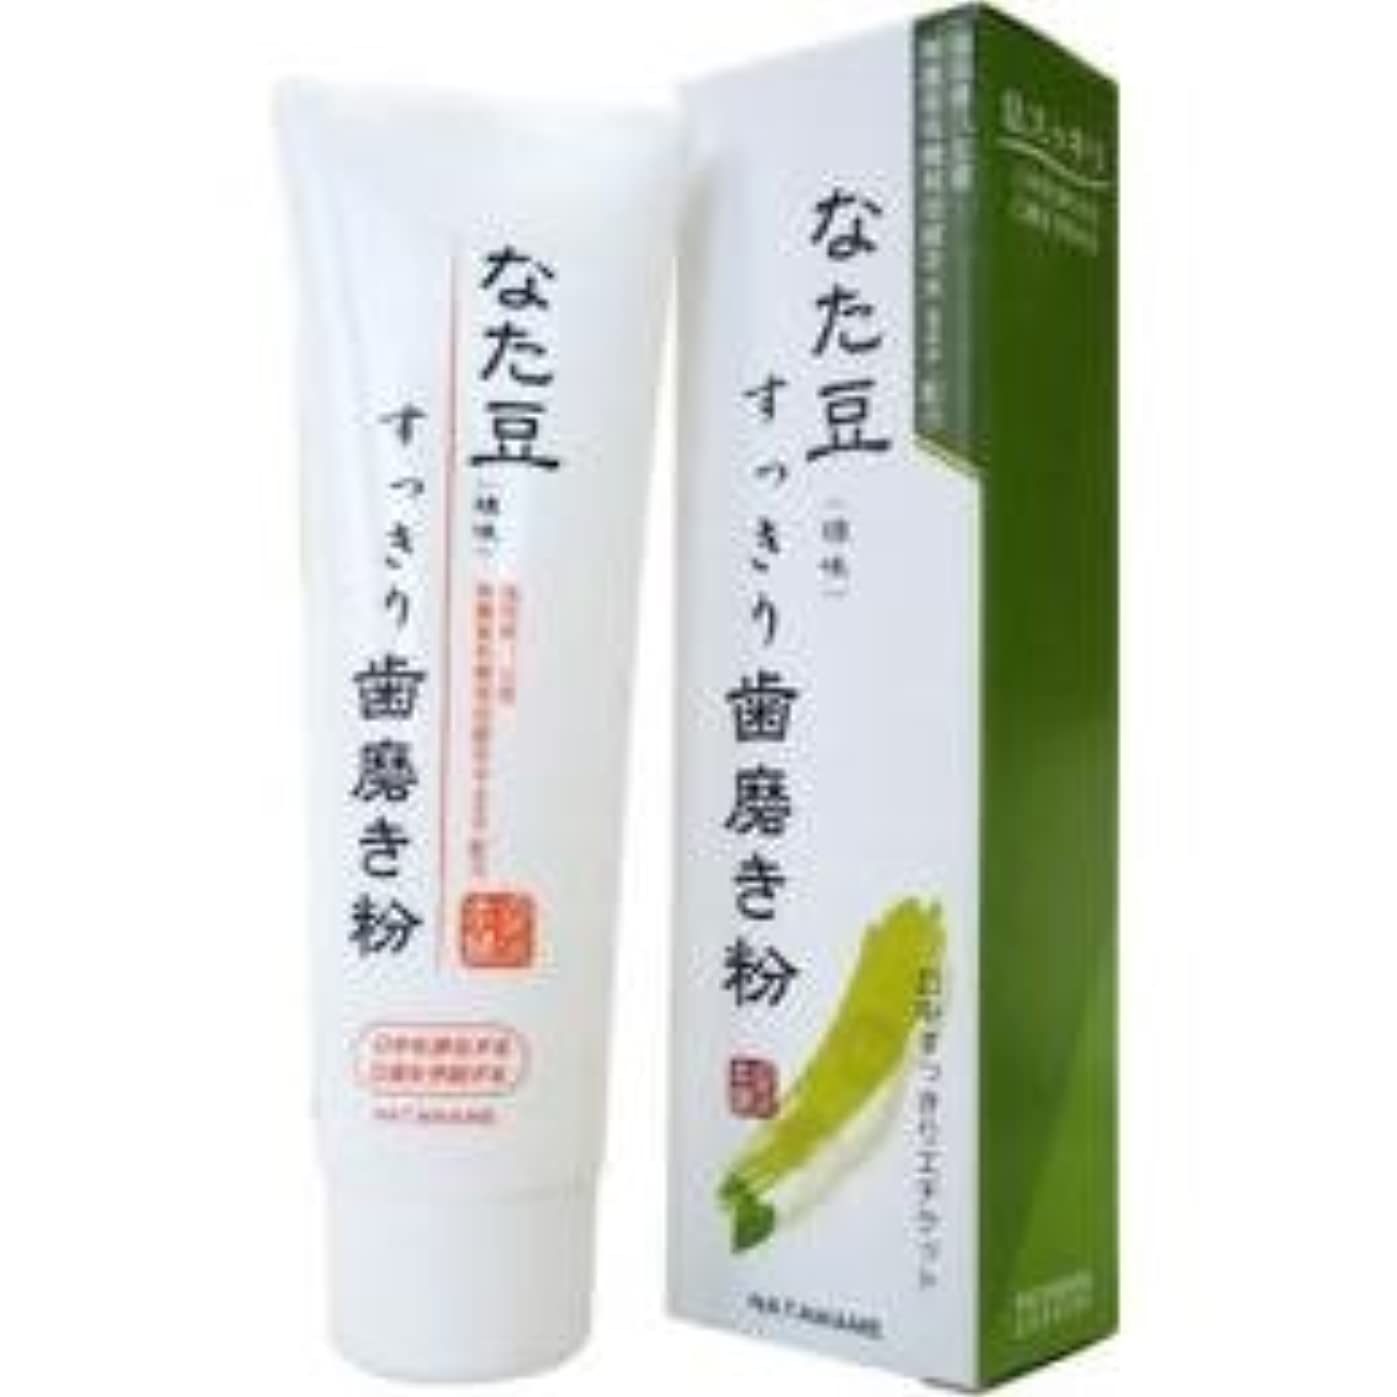 クラフト墓絶滅株式会社三和通商 なた豆すっきり歯磨き粉 120g